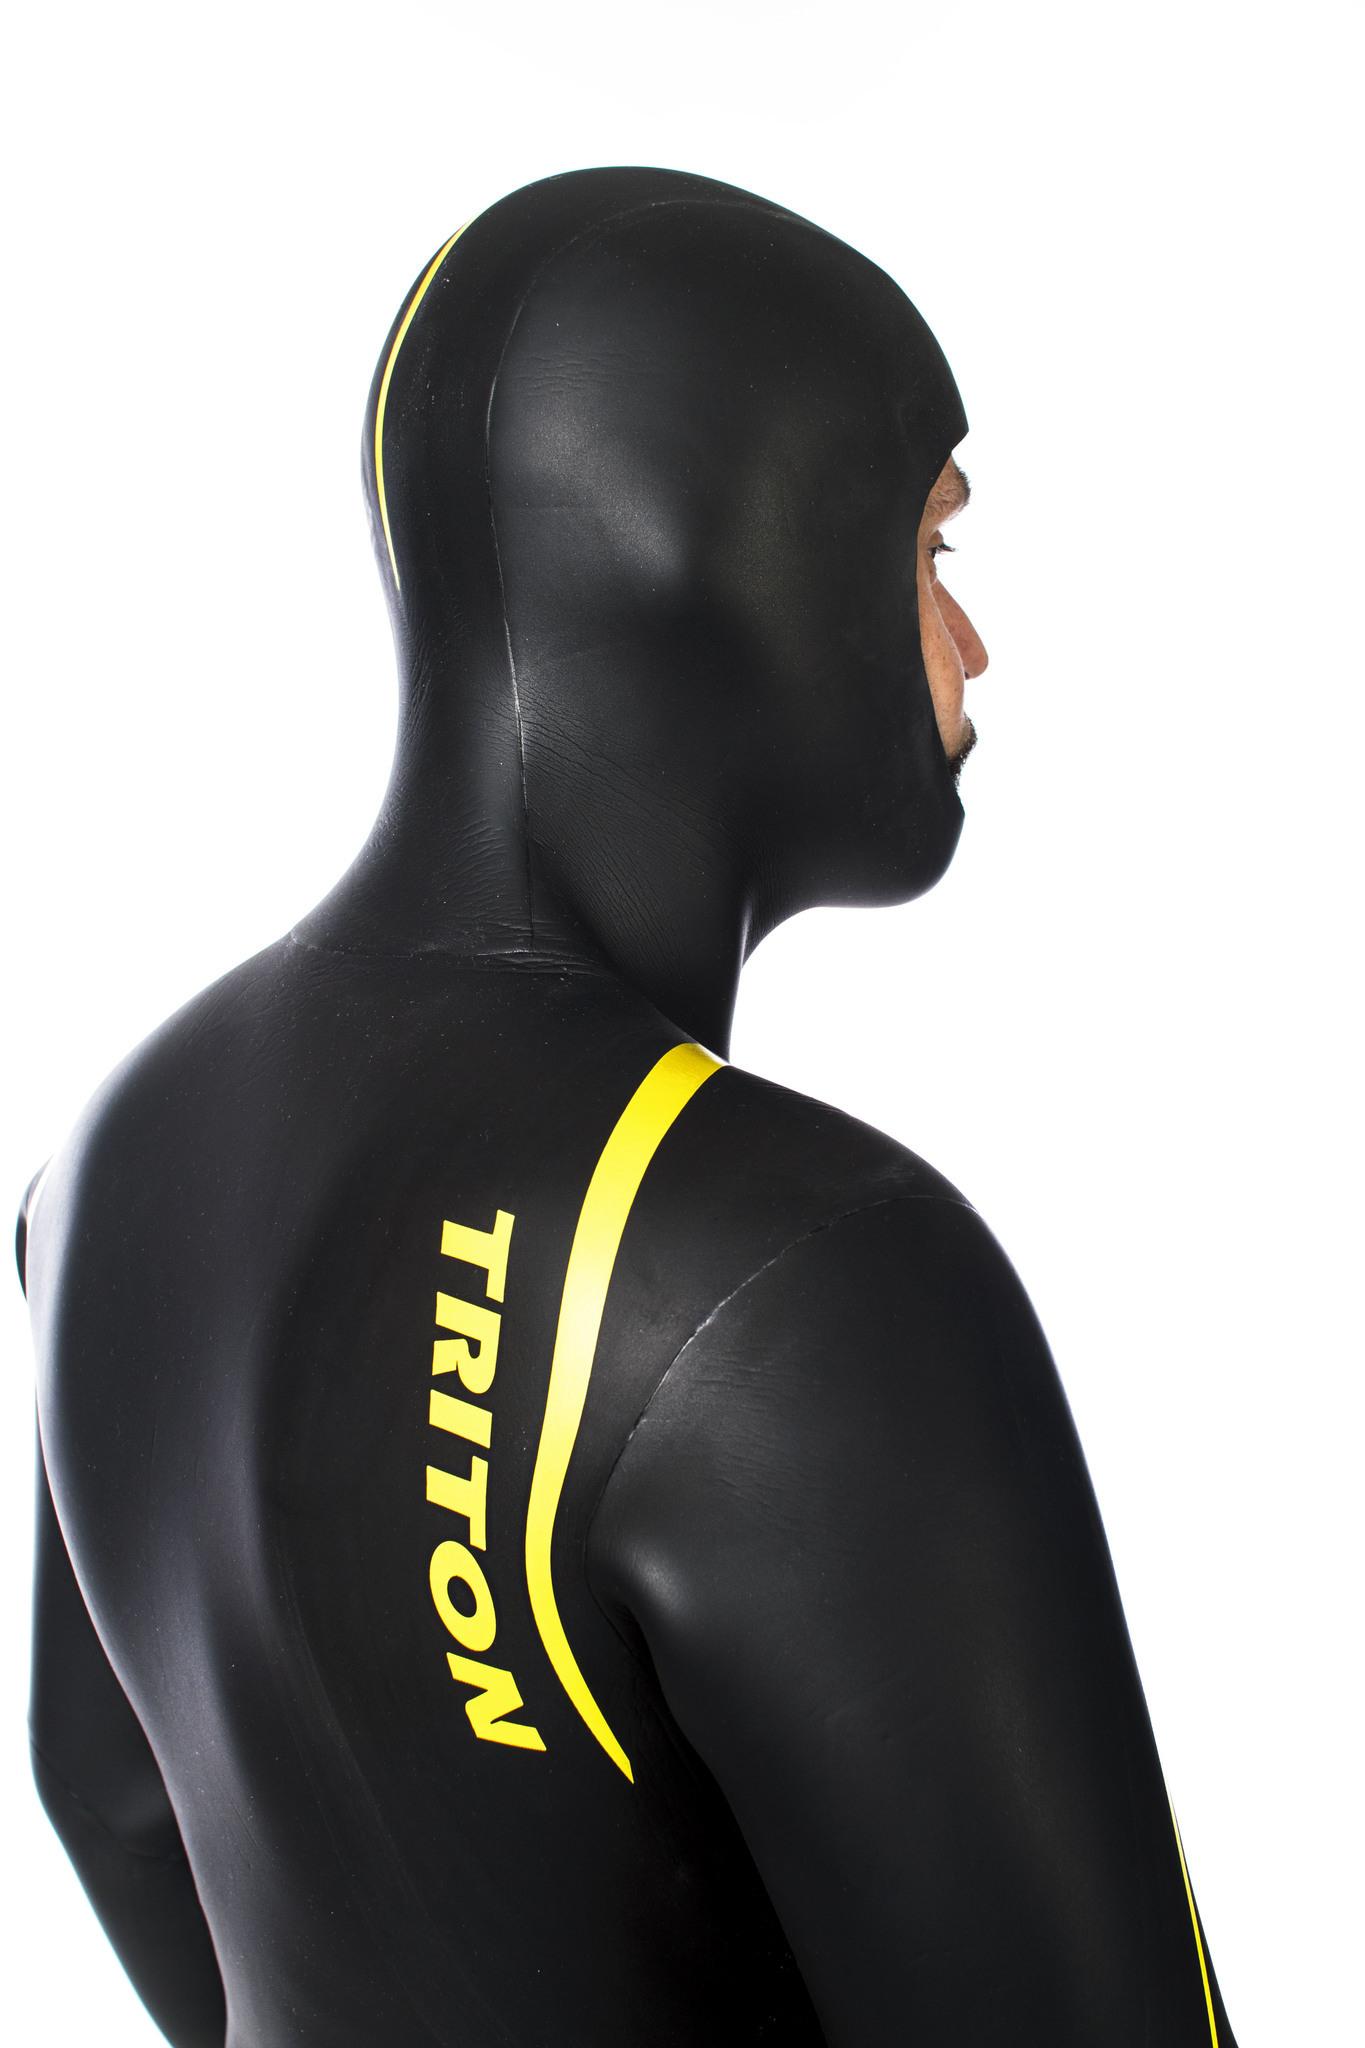 Гидрокостюм Triton 7 мм голый